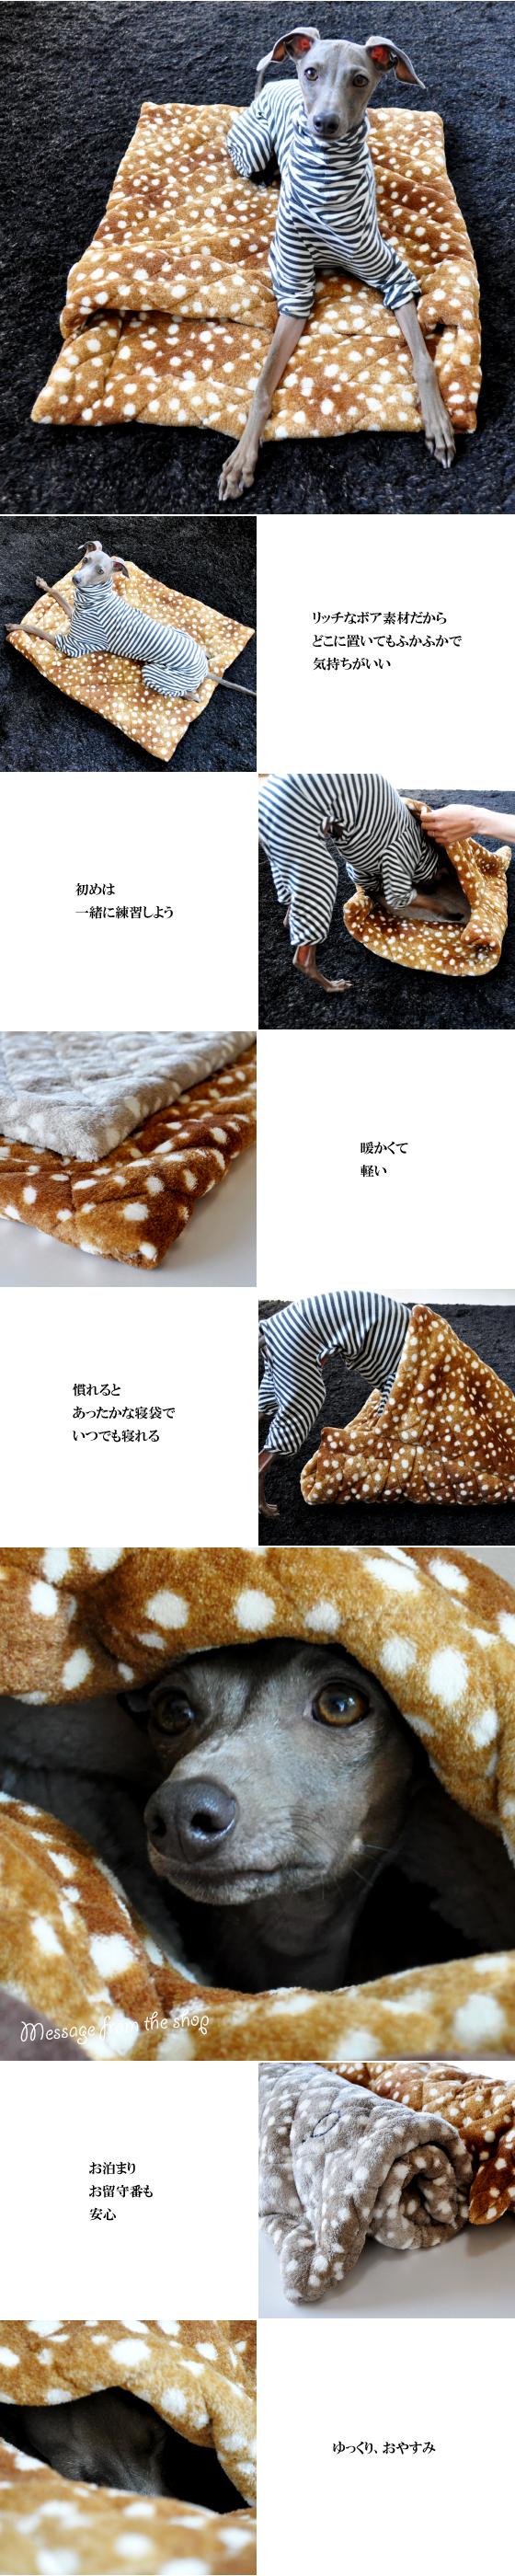 あったかリッチなオシャレ寝袋|ARATA HOUSE寝袋|裏ボアニットキルト生地|選べる2カラー